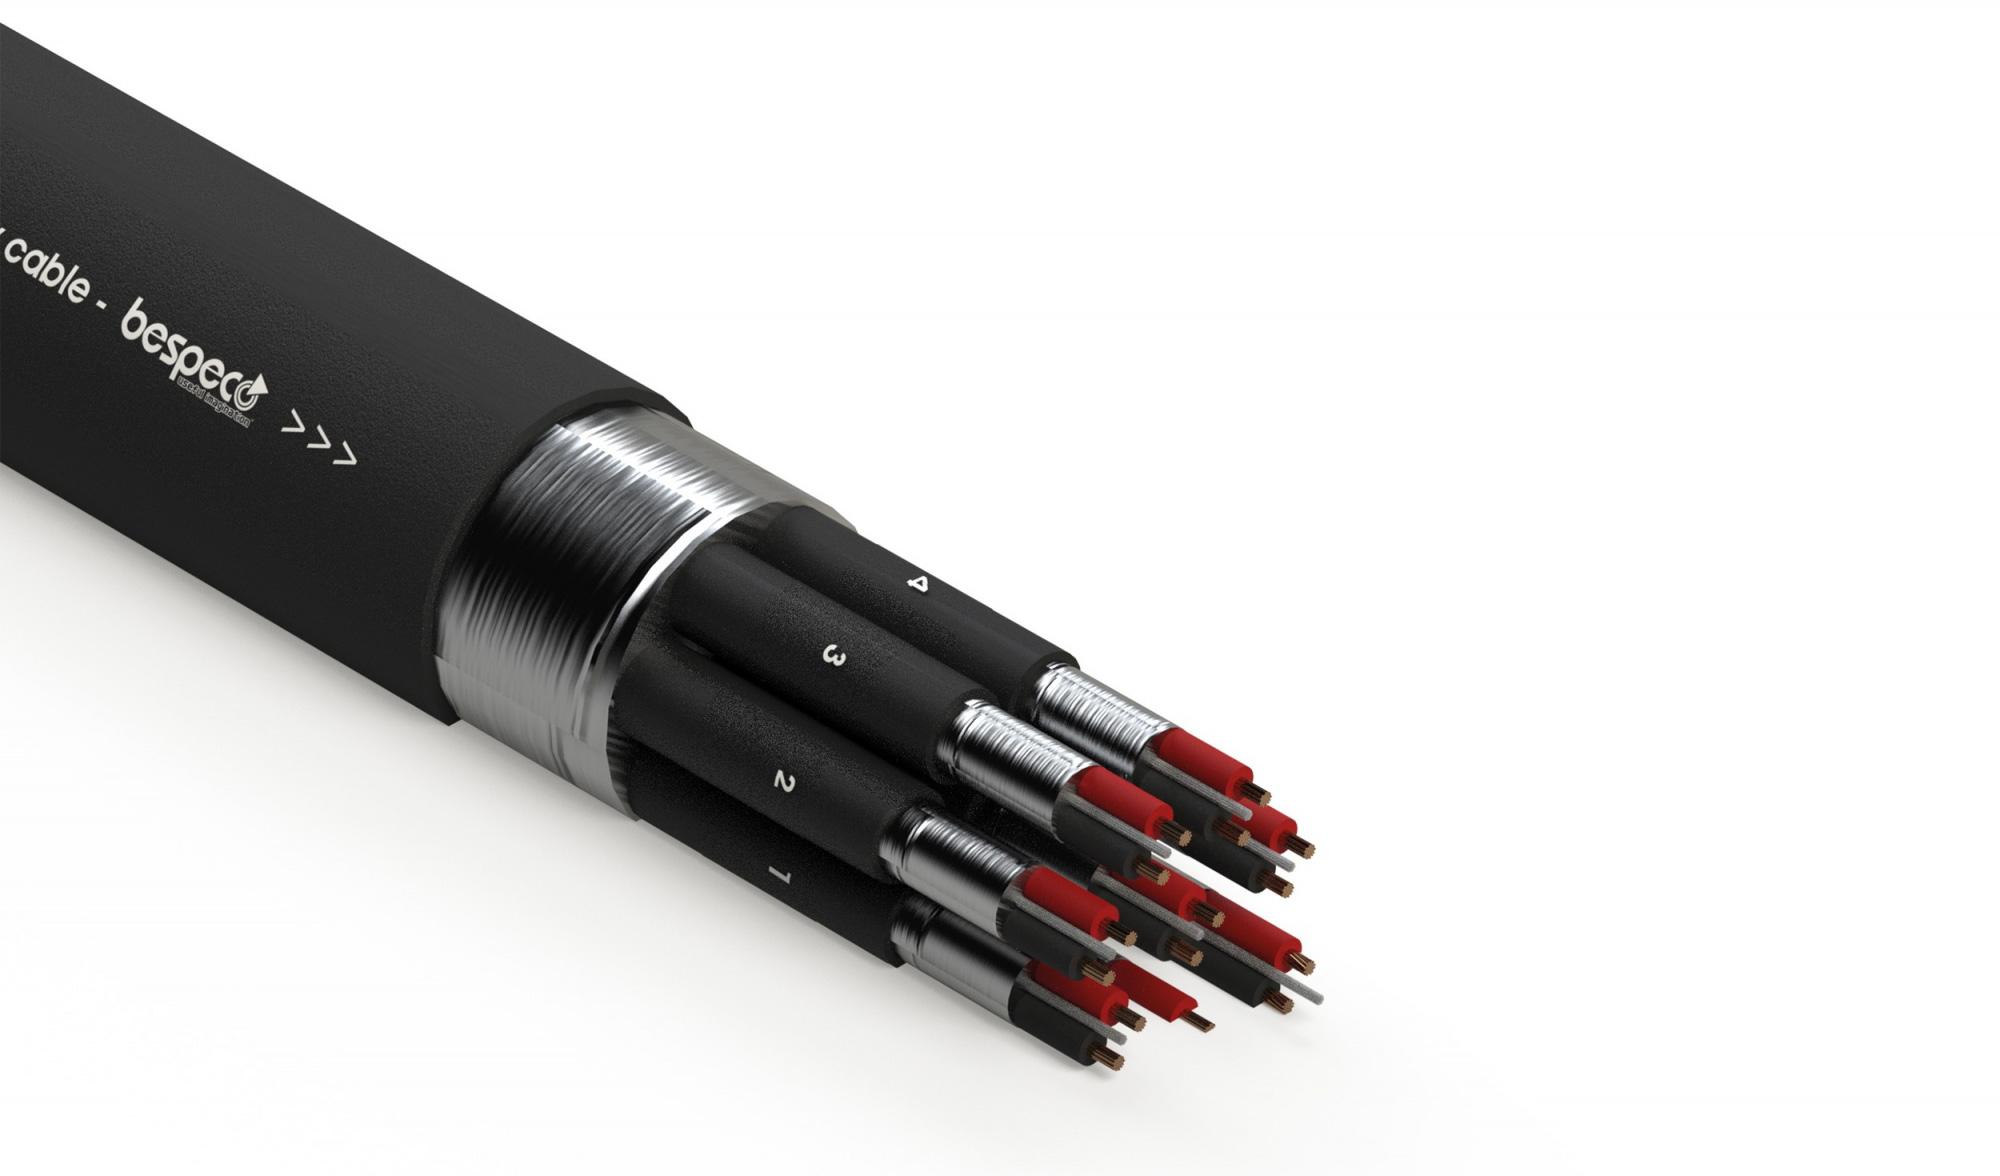 CV series cables